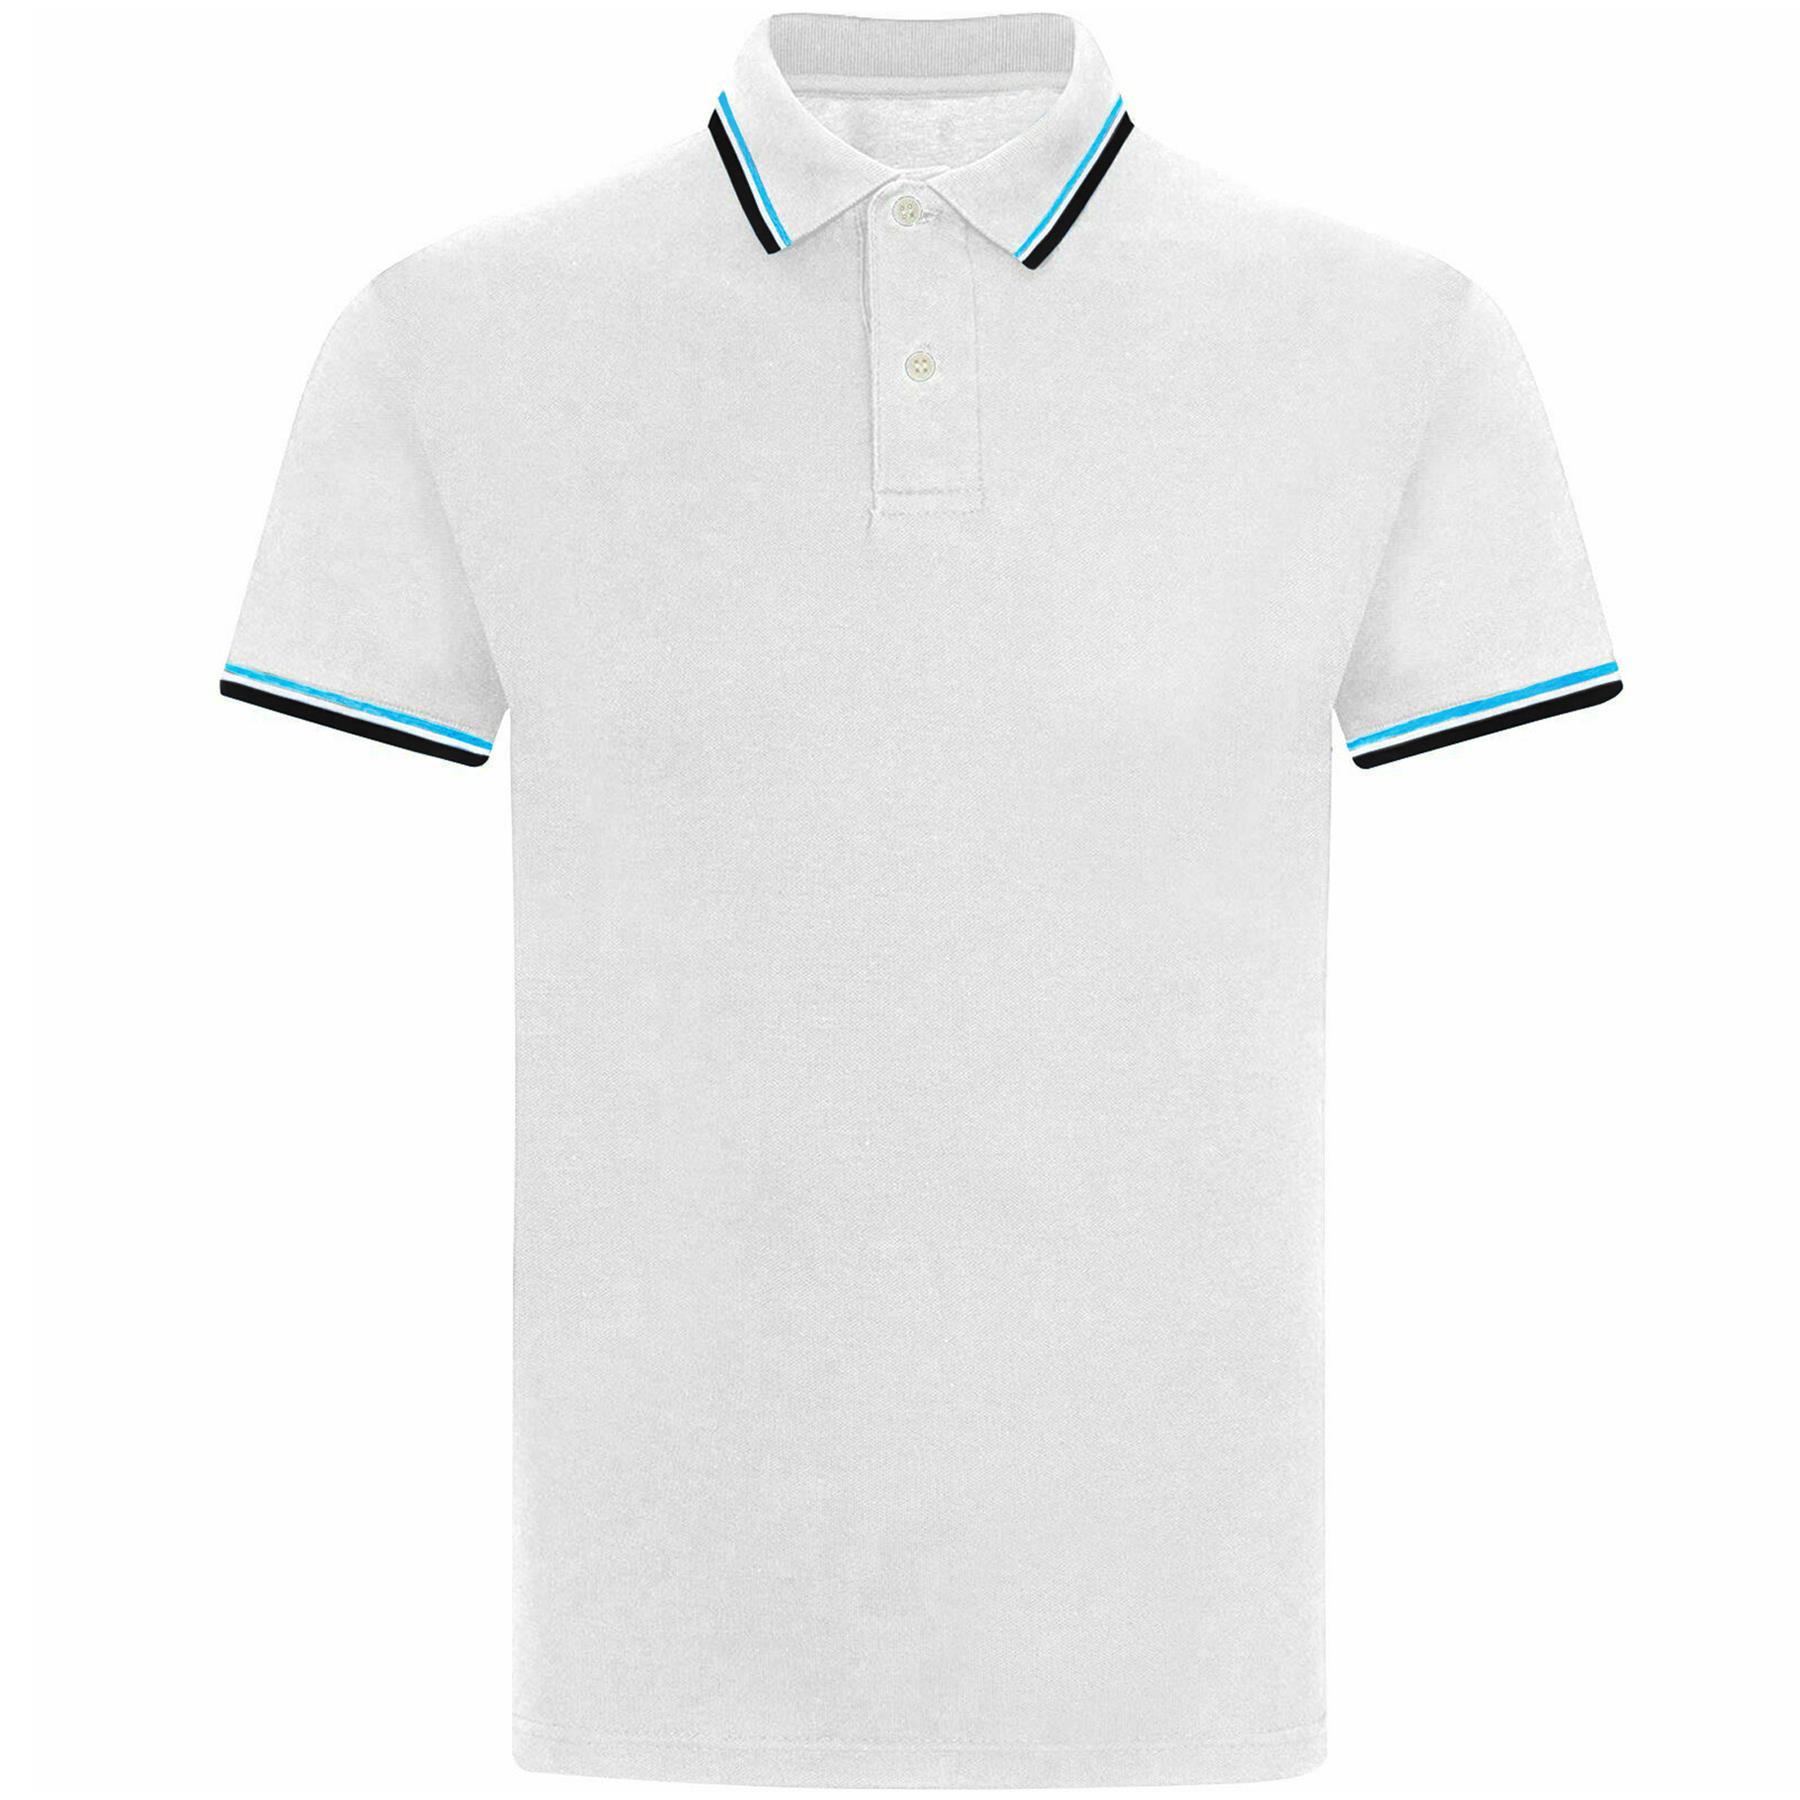 Indexbild 77 - Herren Polohemd Freizeit T-Shirts Neu Schlicht Kurzärmeliges Regular Fit